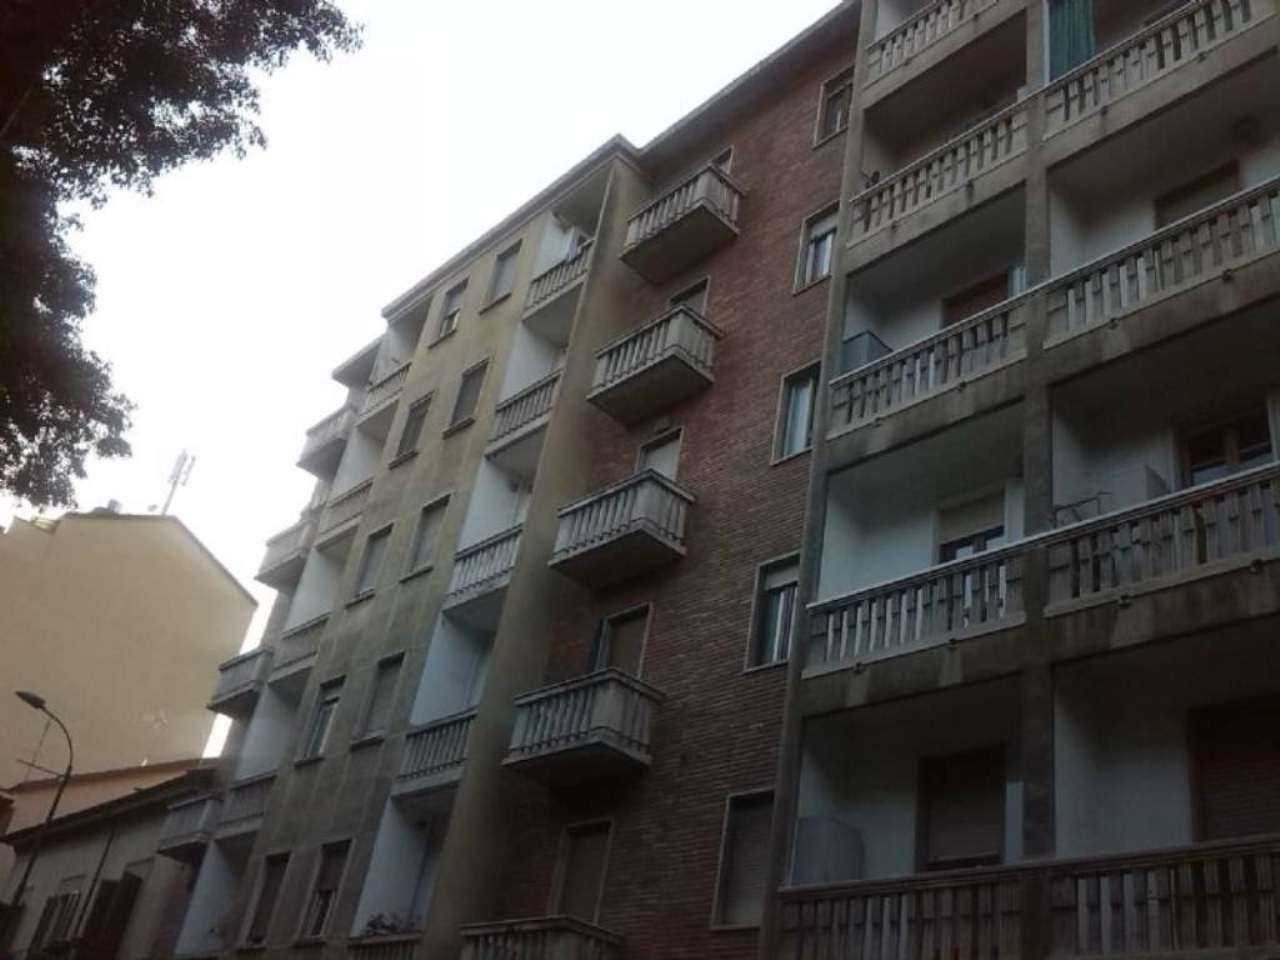 Appartamento in vendita a Torino, 2 locali, zona Zona: 13 . Borgo Vittoria, Madonna di Campagna, Barriera di Lanzo, prezzo € 87.000 | CambioCasa.it